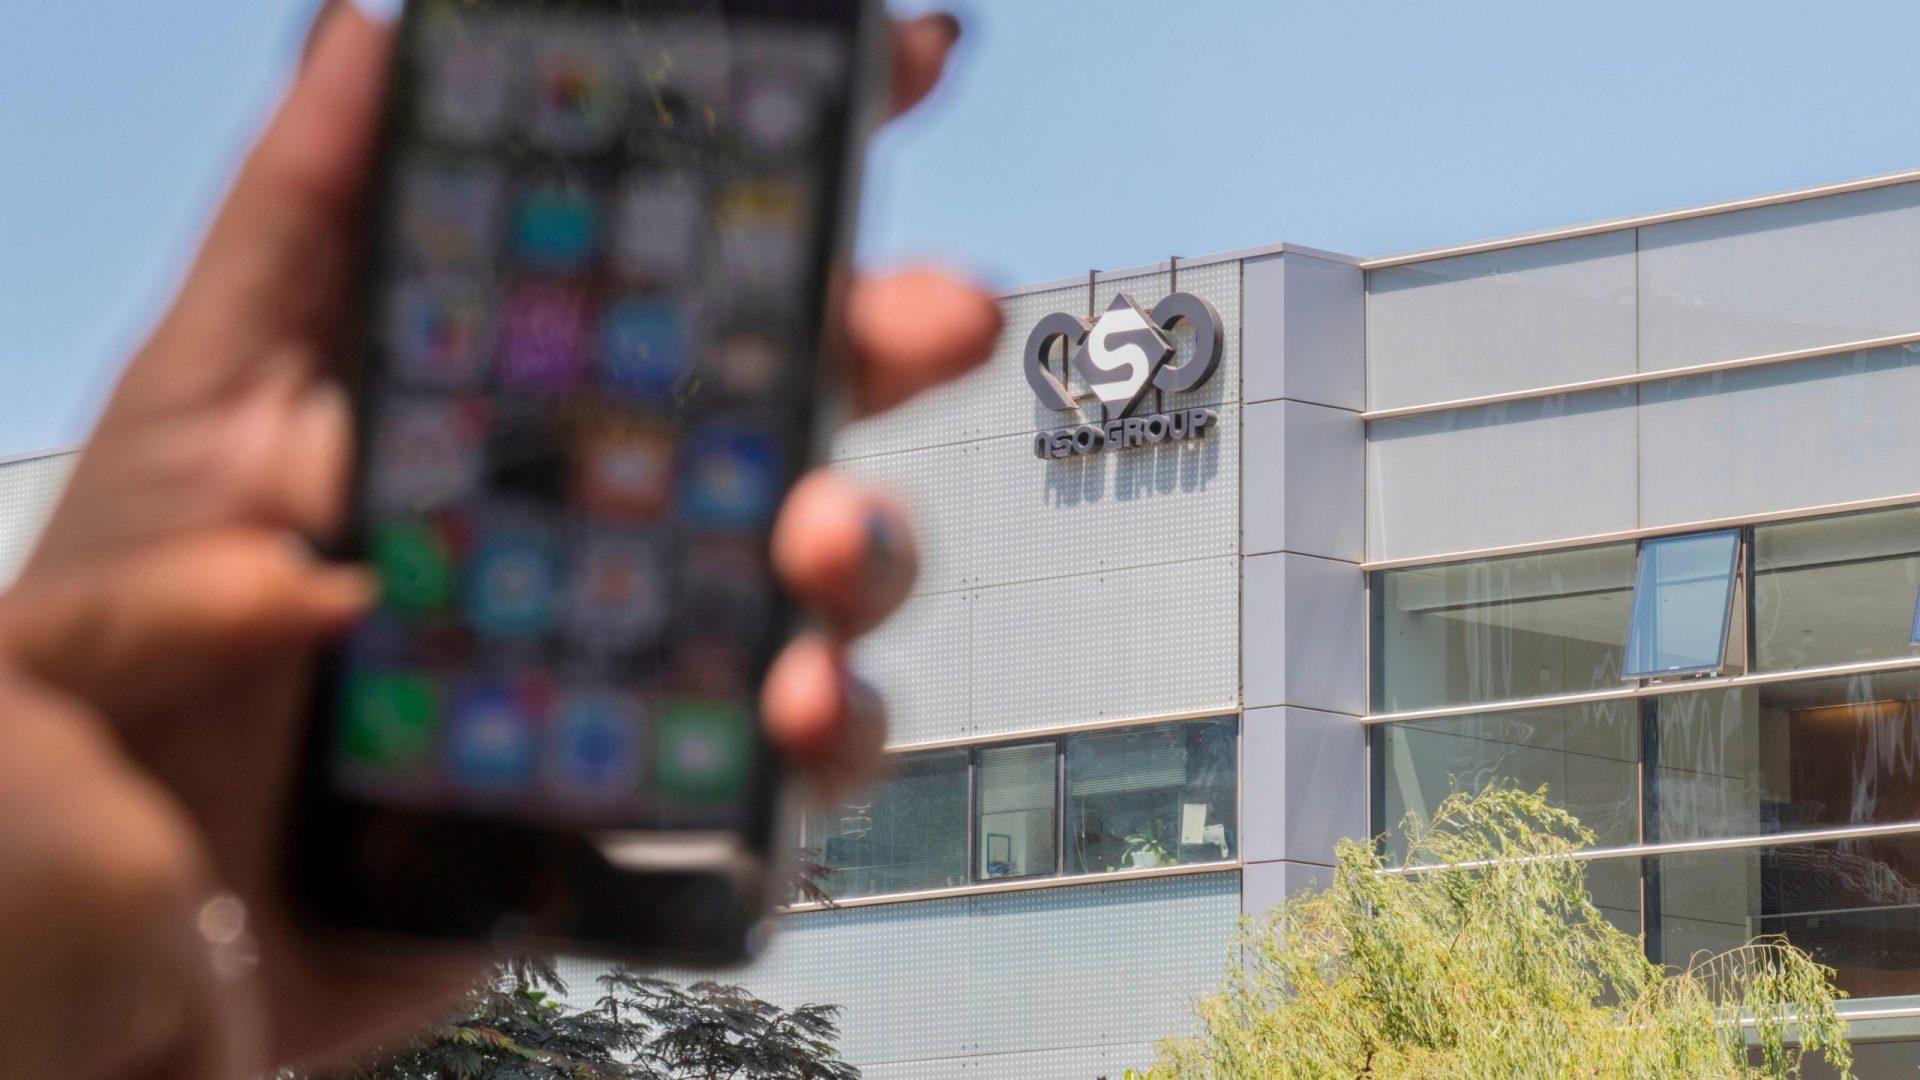 Recomandările RSF pentru jurnaliștii care cred că au fost spionați prin intermediul software-ului Pegasus